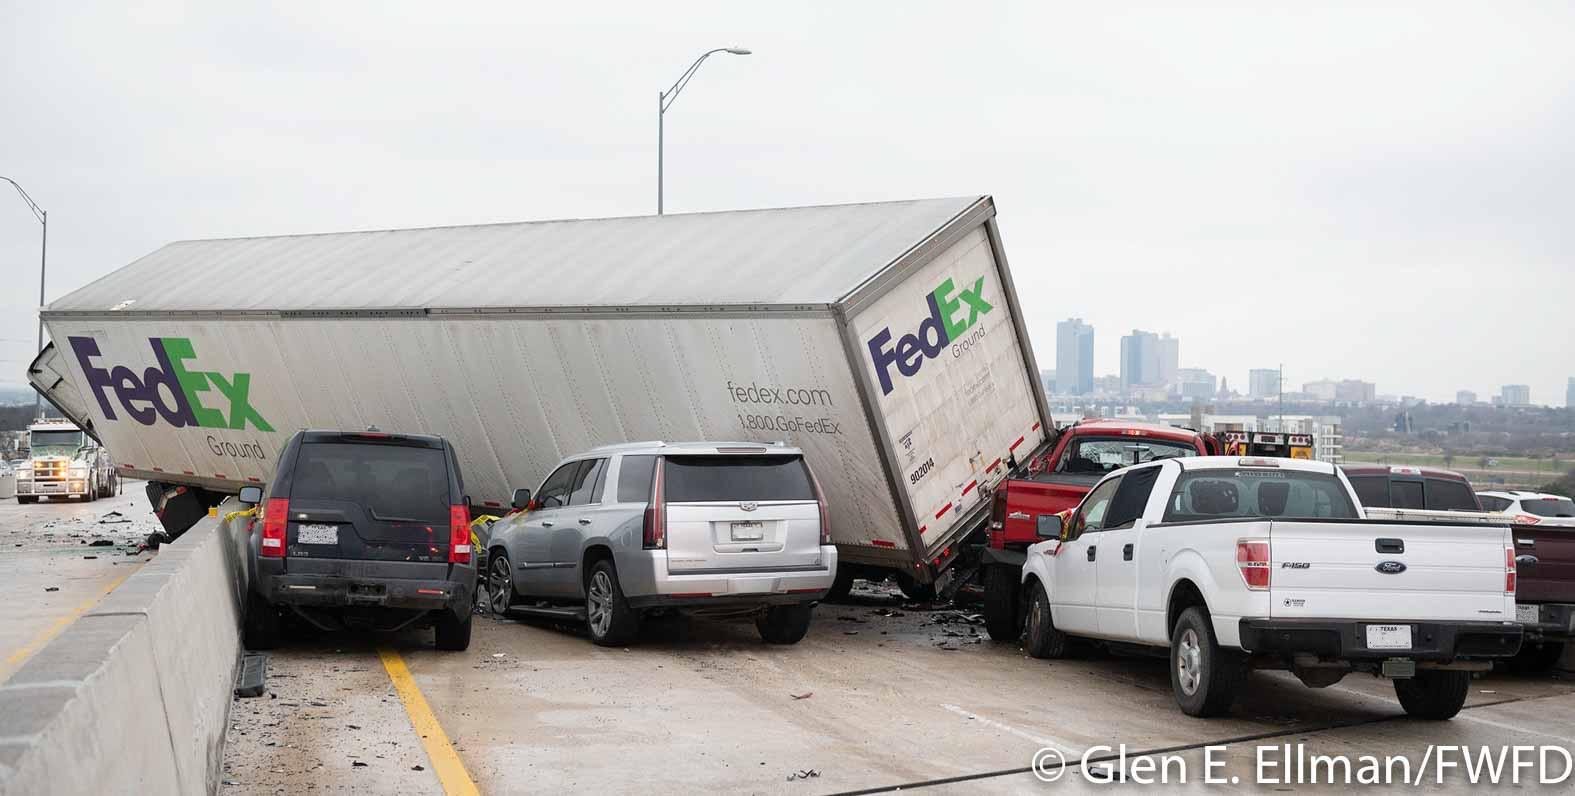 ДТП на автомагистрали в Техасе (Фото: FWFD)